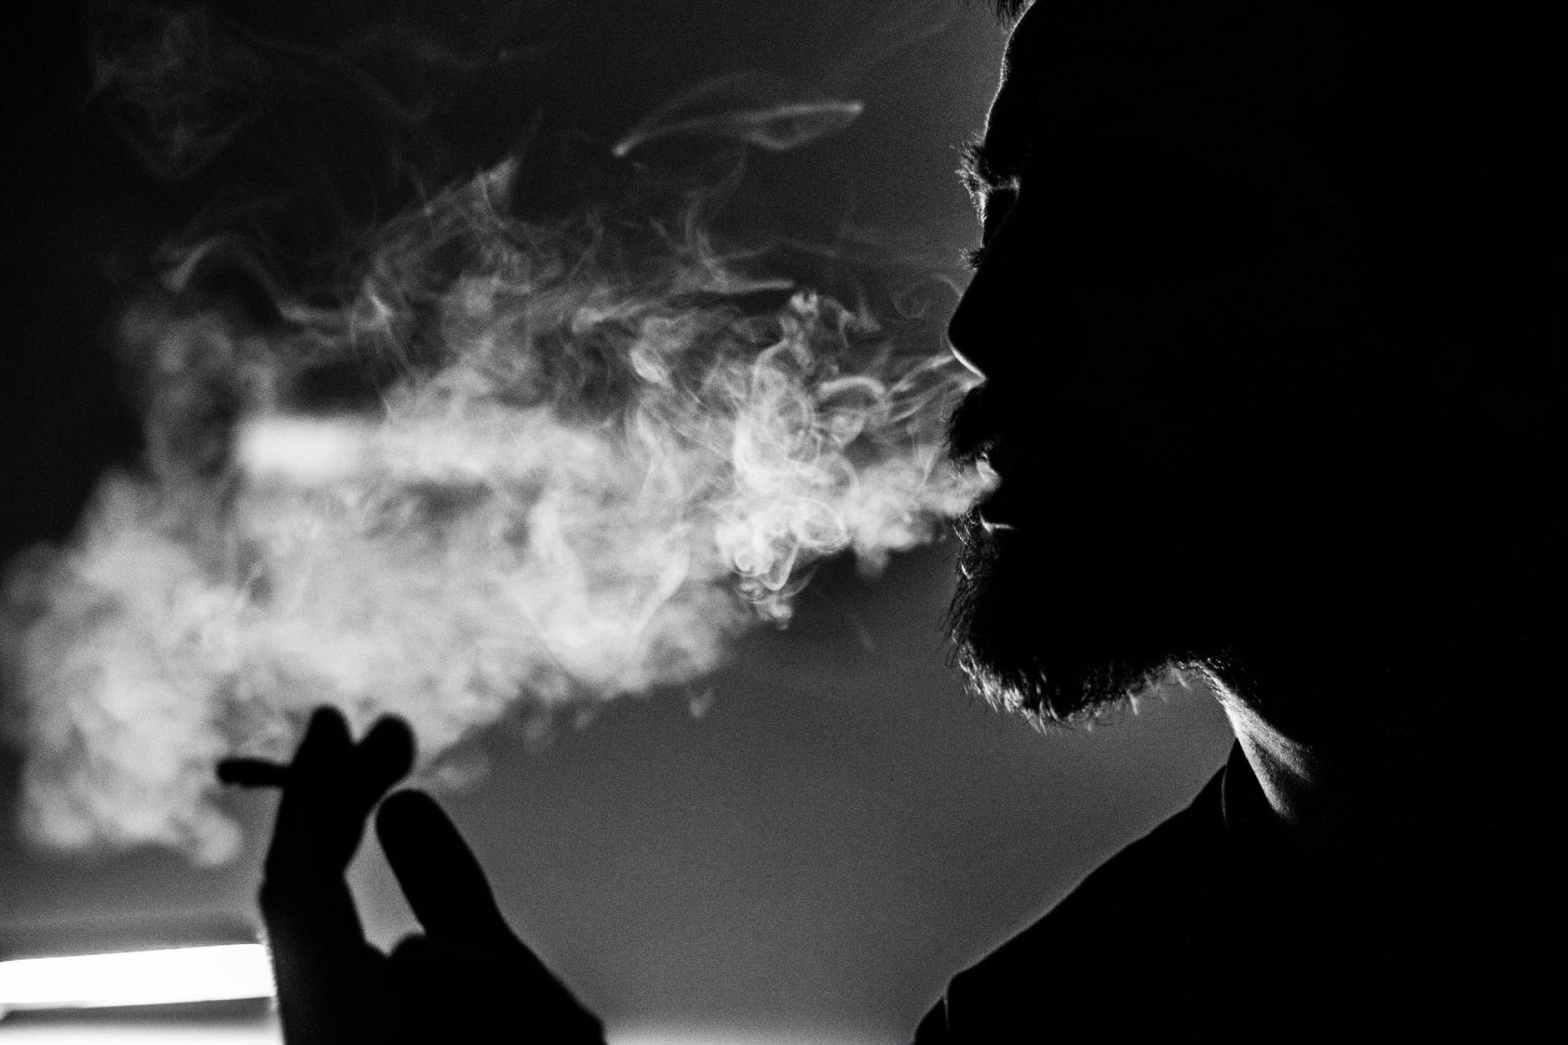 Rauchen, Rauchstopp, Kurzgeschichte, Fiktion